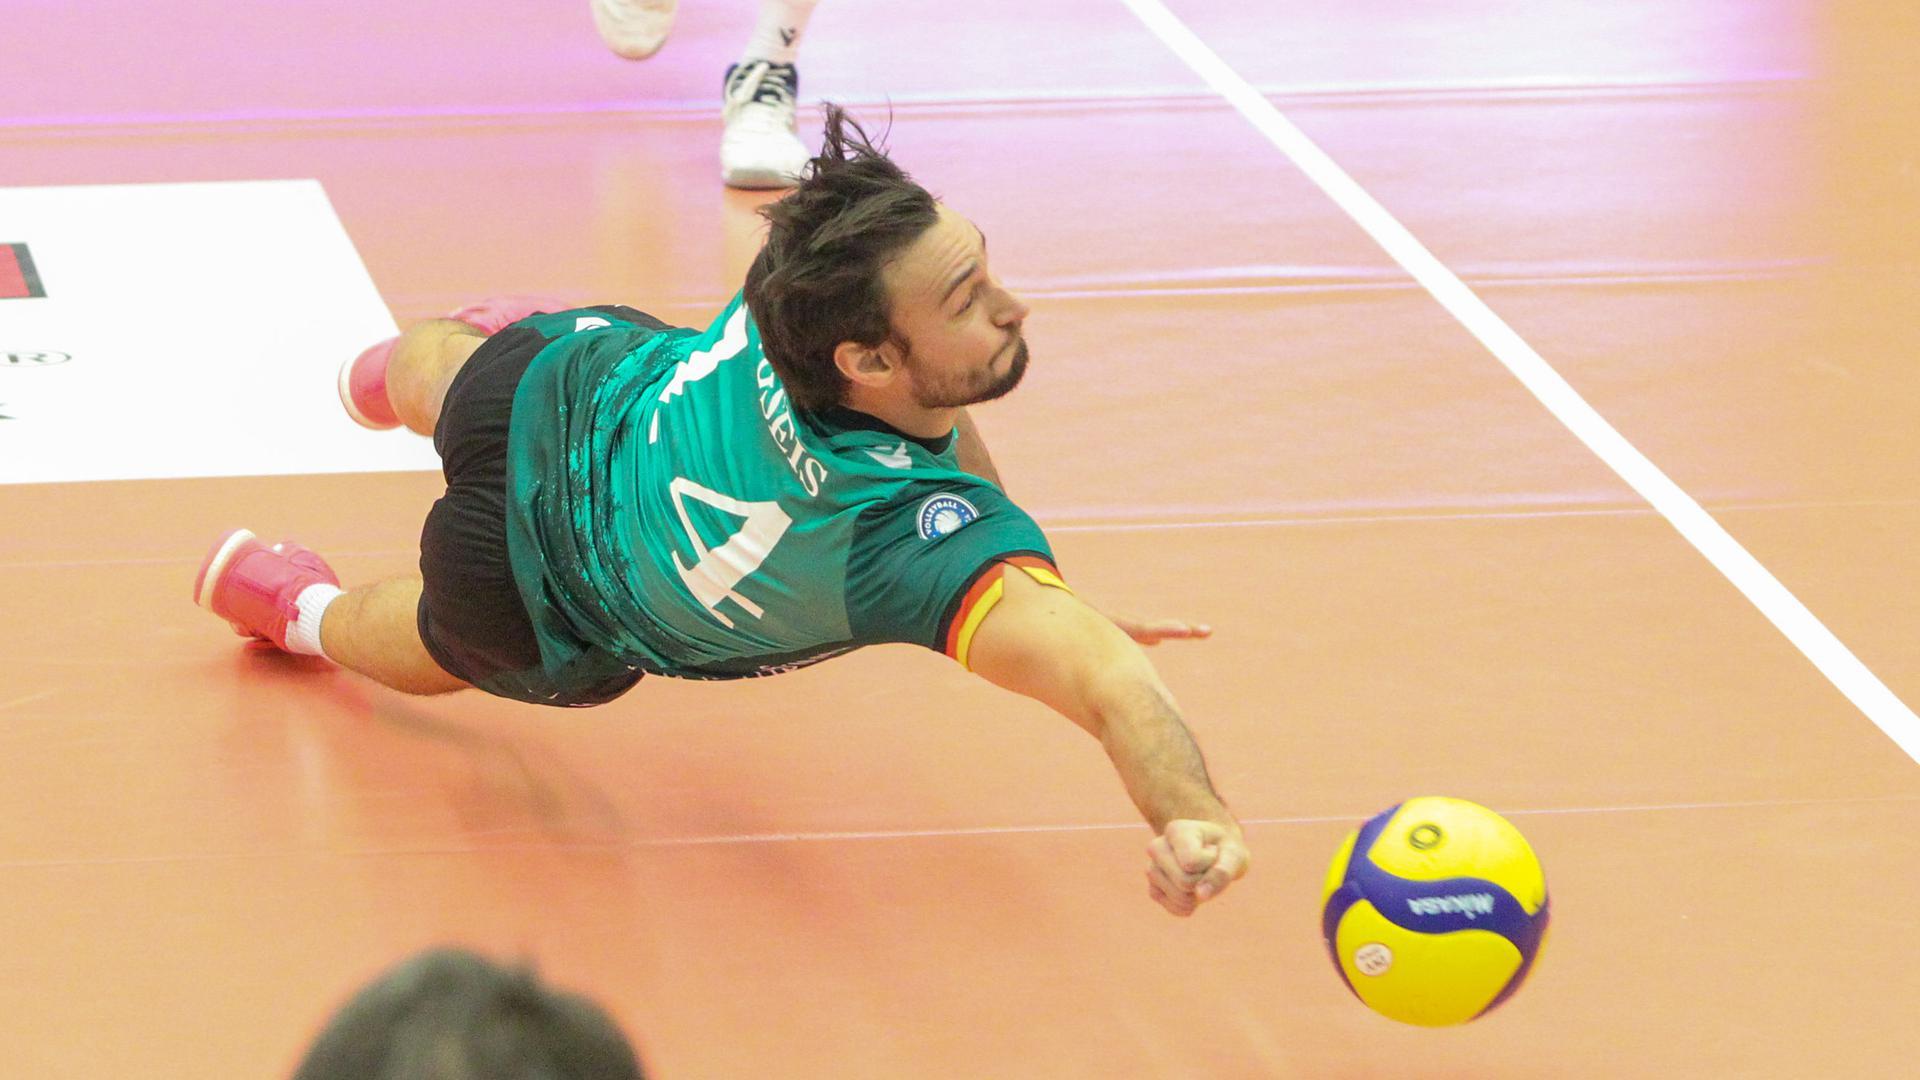 Volleyball-Bundesliga, Florian Ringseis, Bisons Bühl, Saison 2020/21